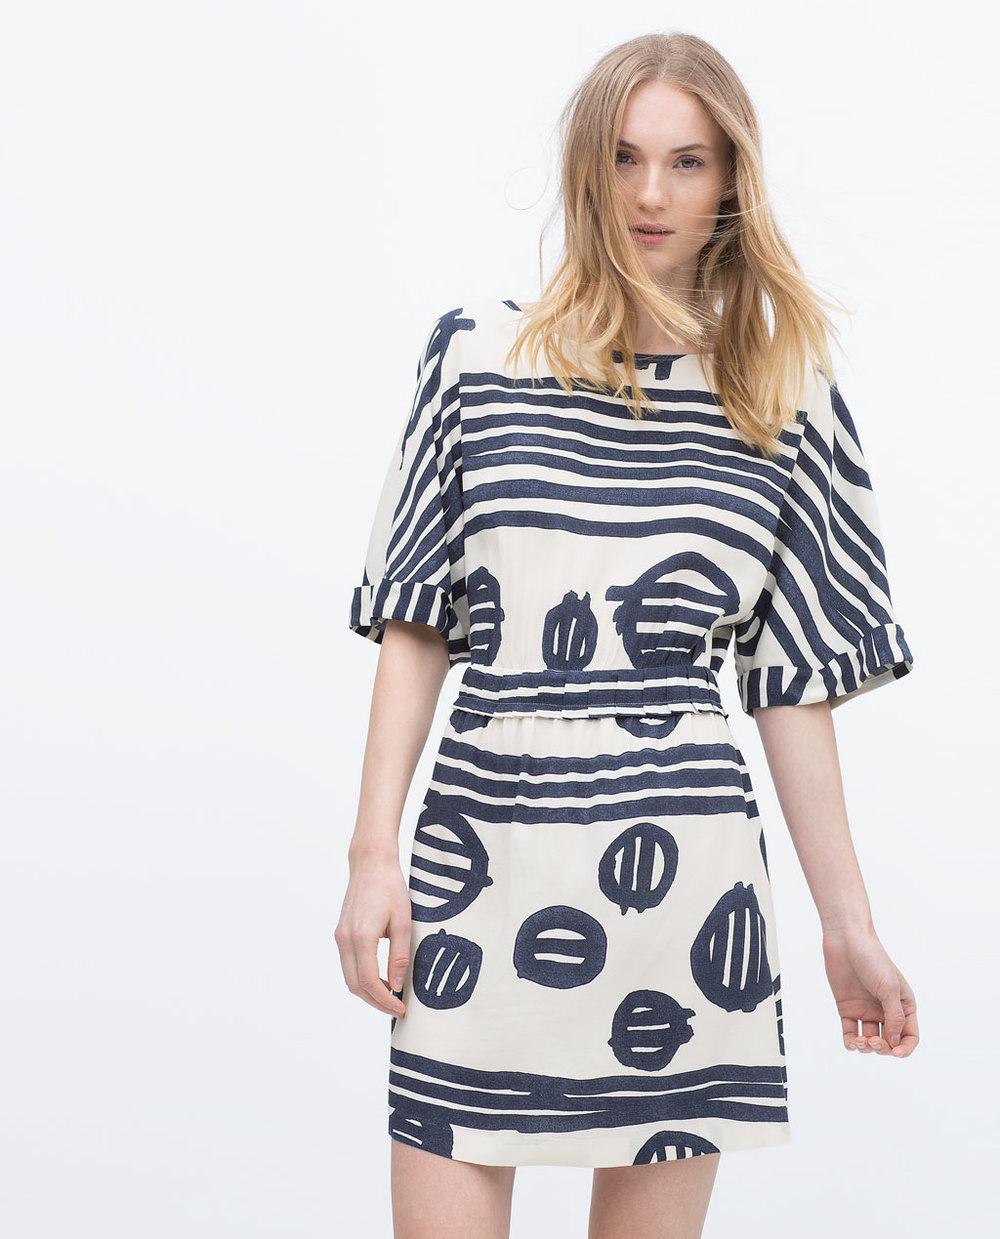 PRINT DRESS 49.99 USD